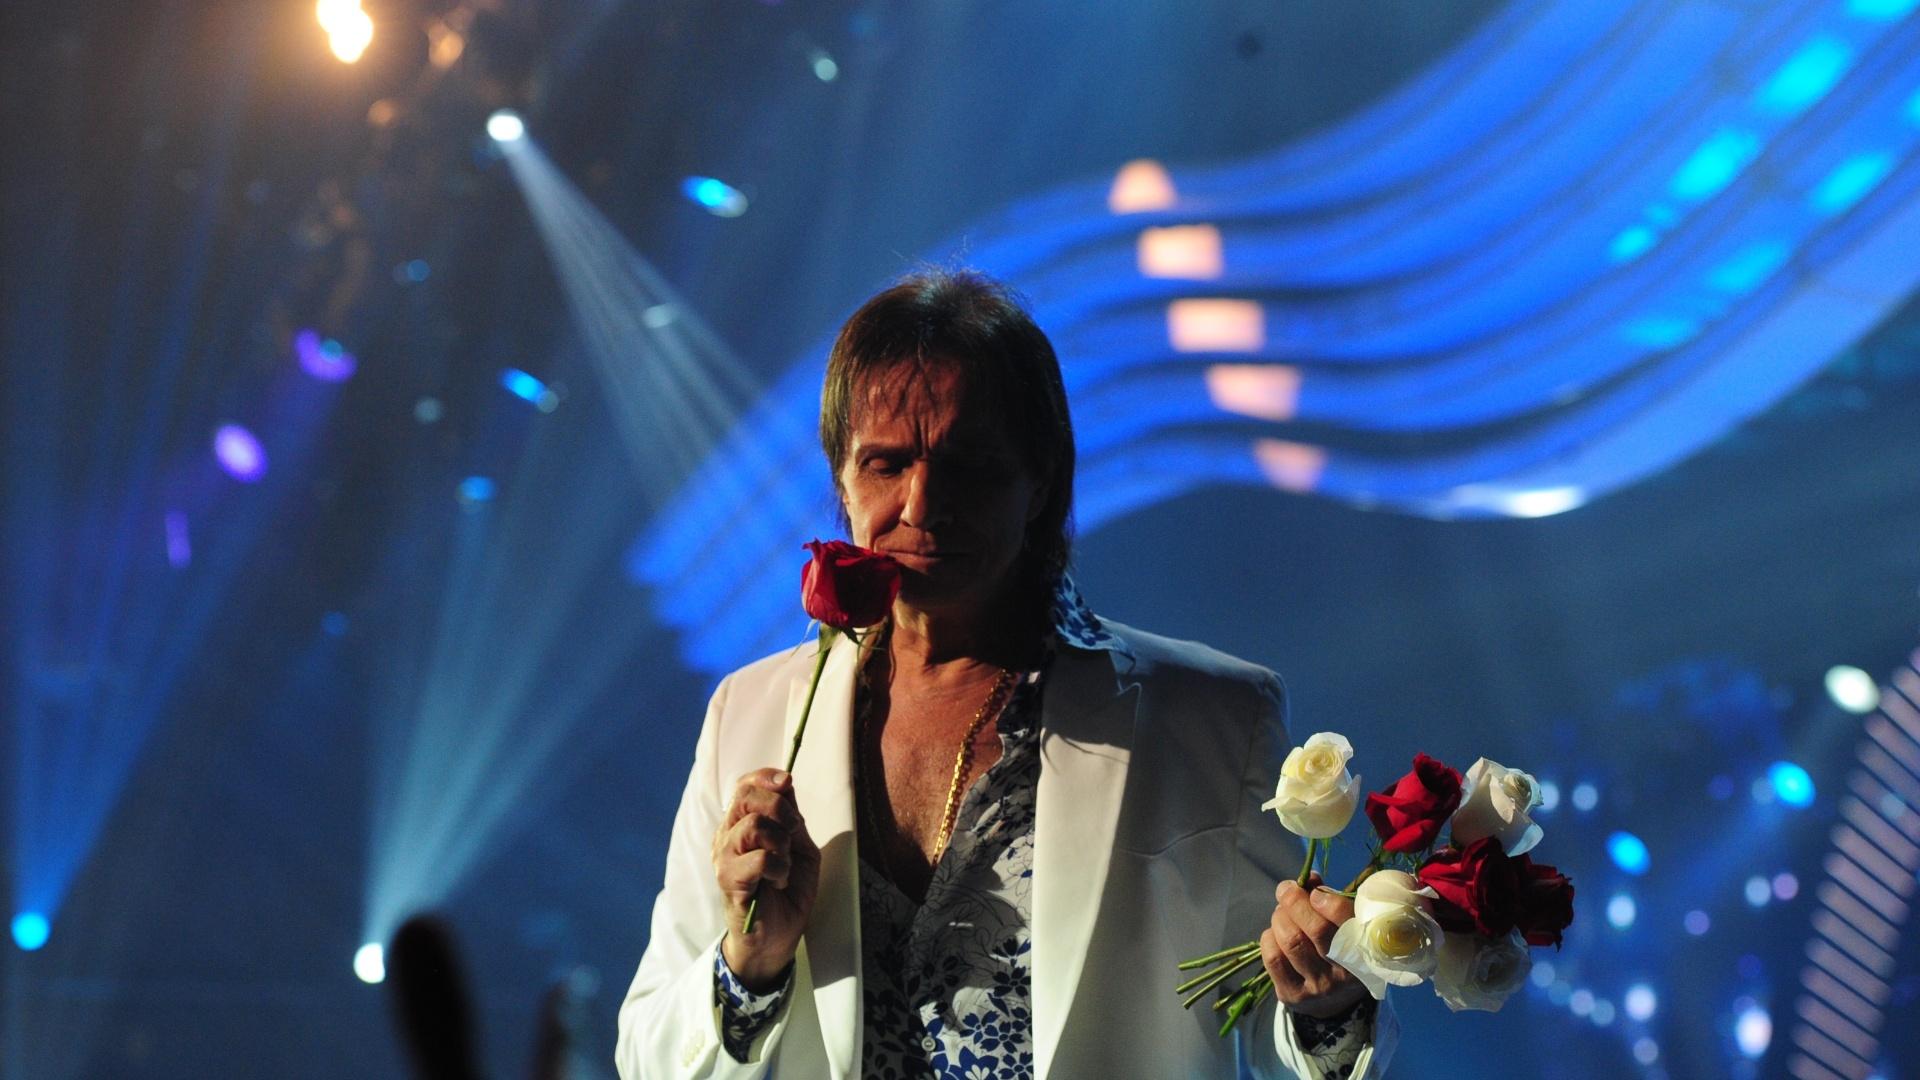 O Rei faz sua tradicional distribuição de rosas ao fim do show